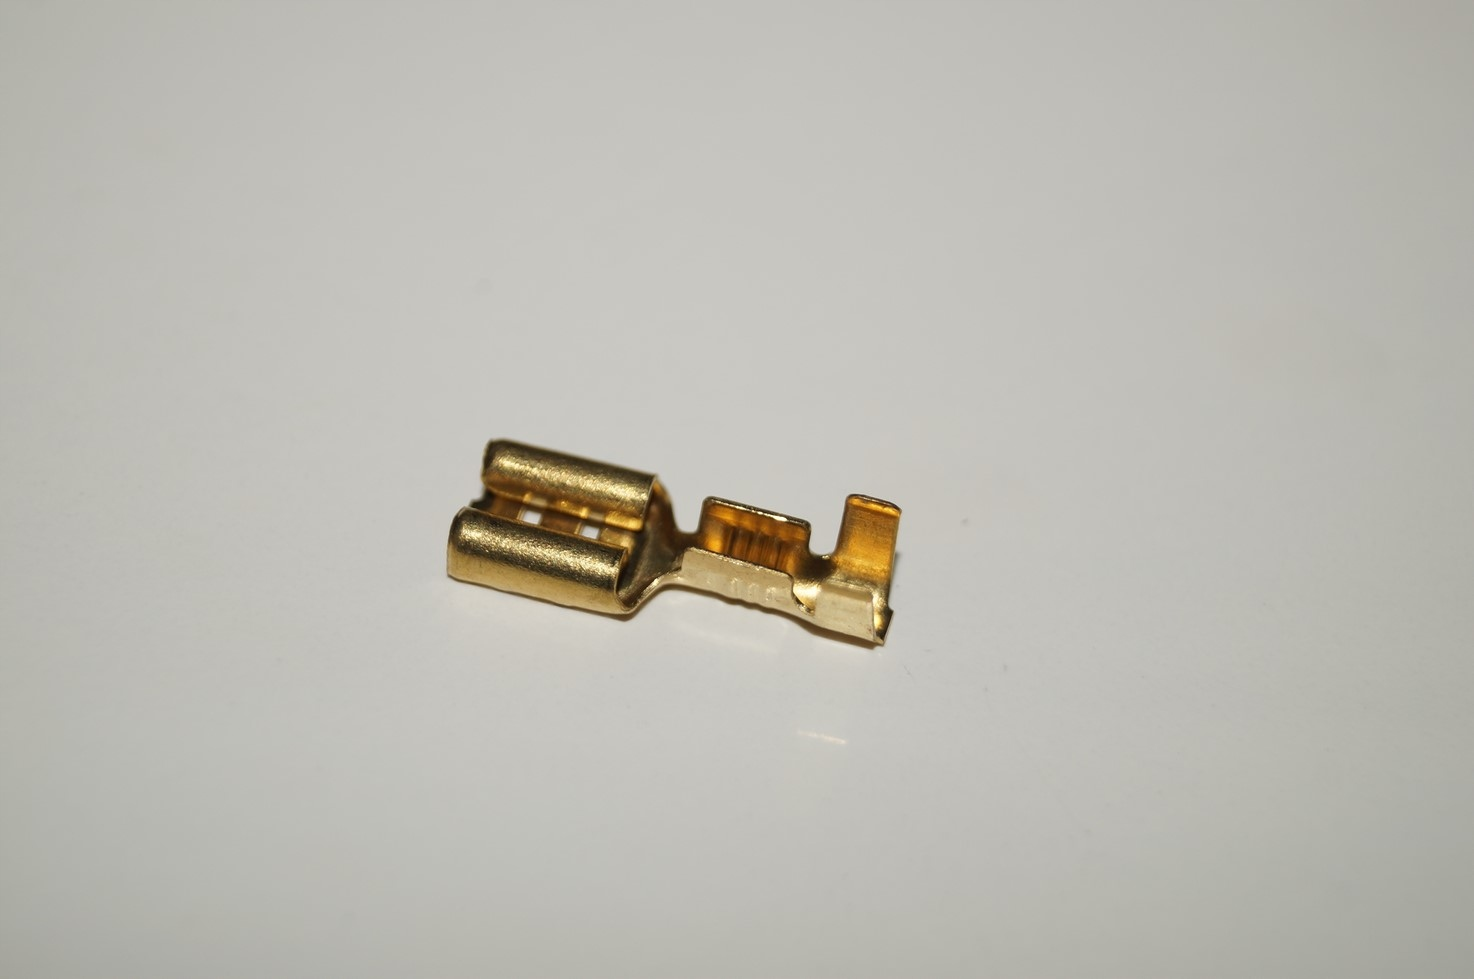 TIP ELECTRIC 6.3mm FEMININE